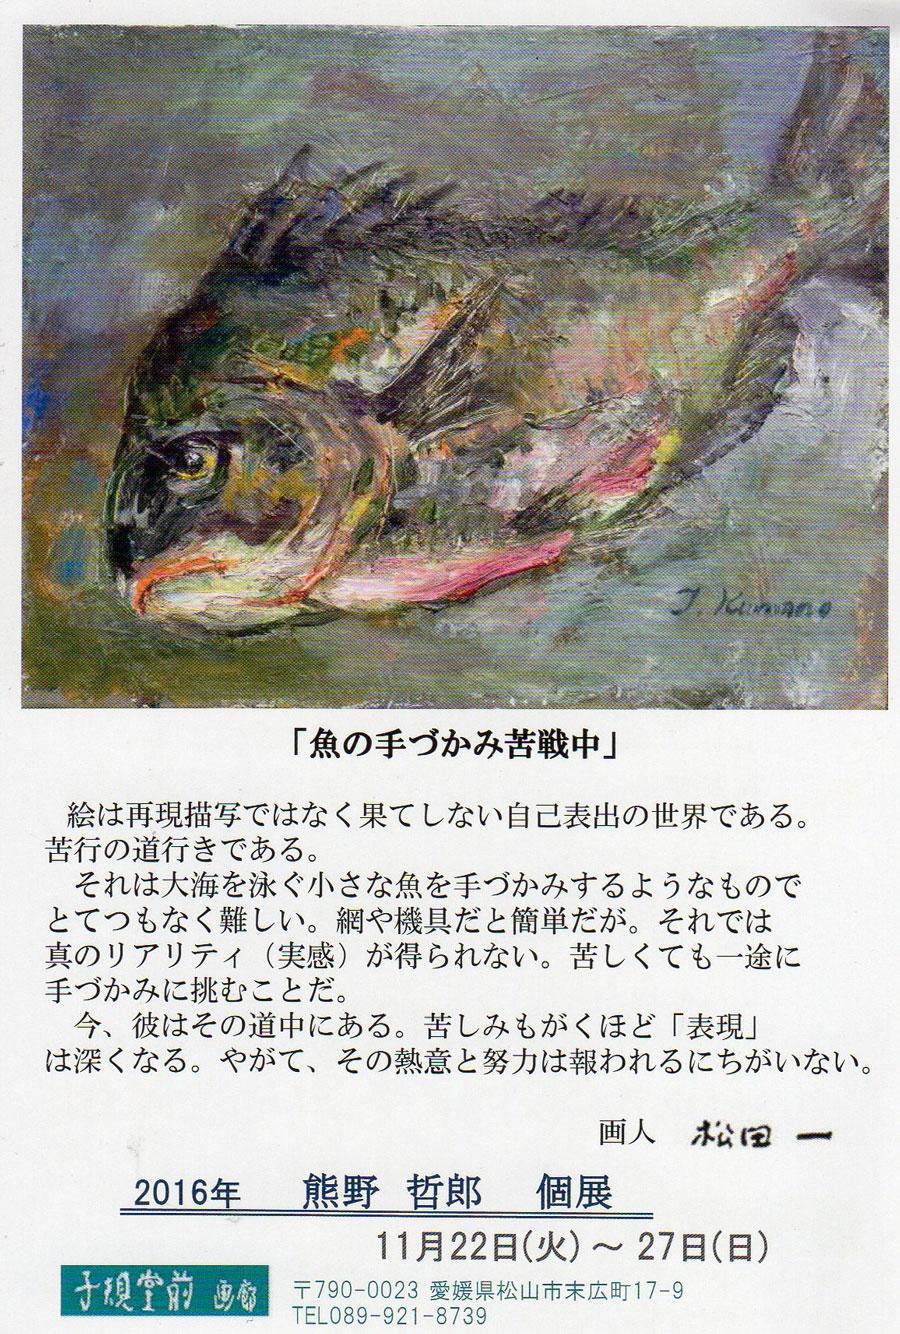 2016年 熊野哲郎個展